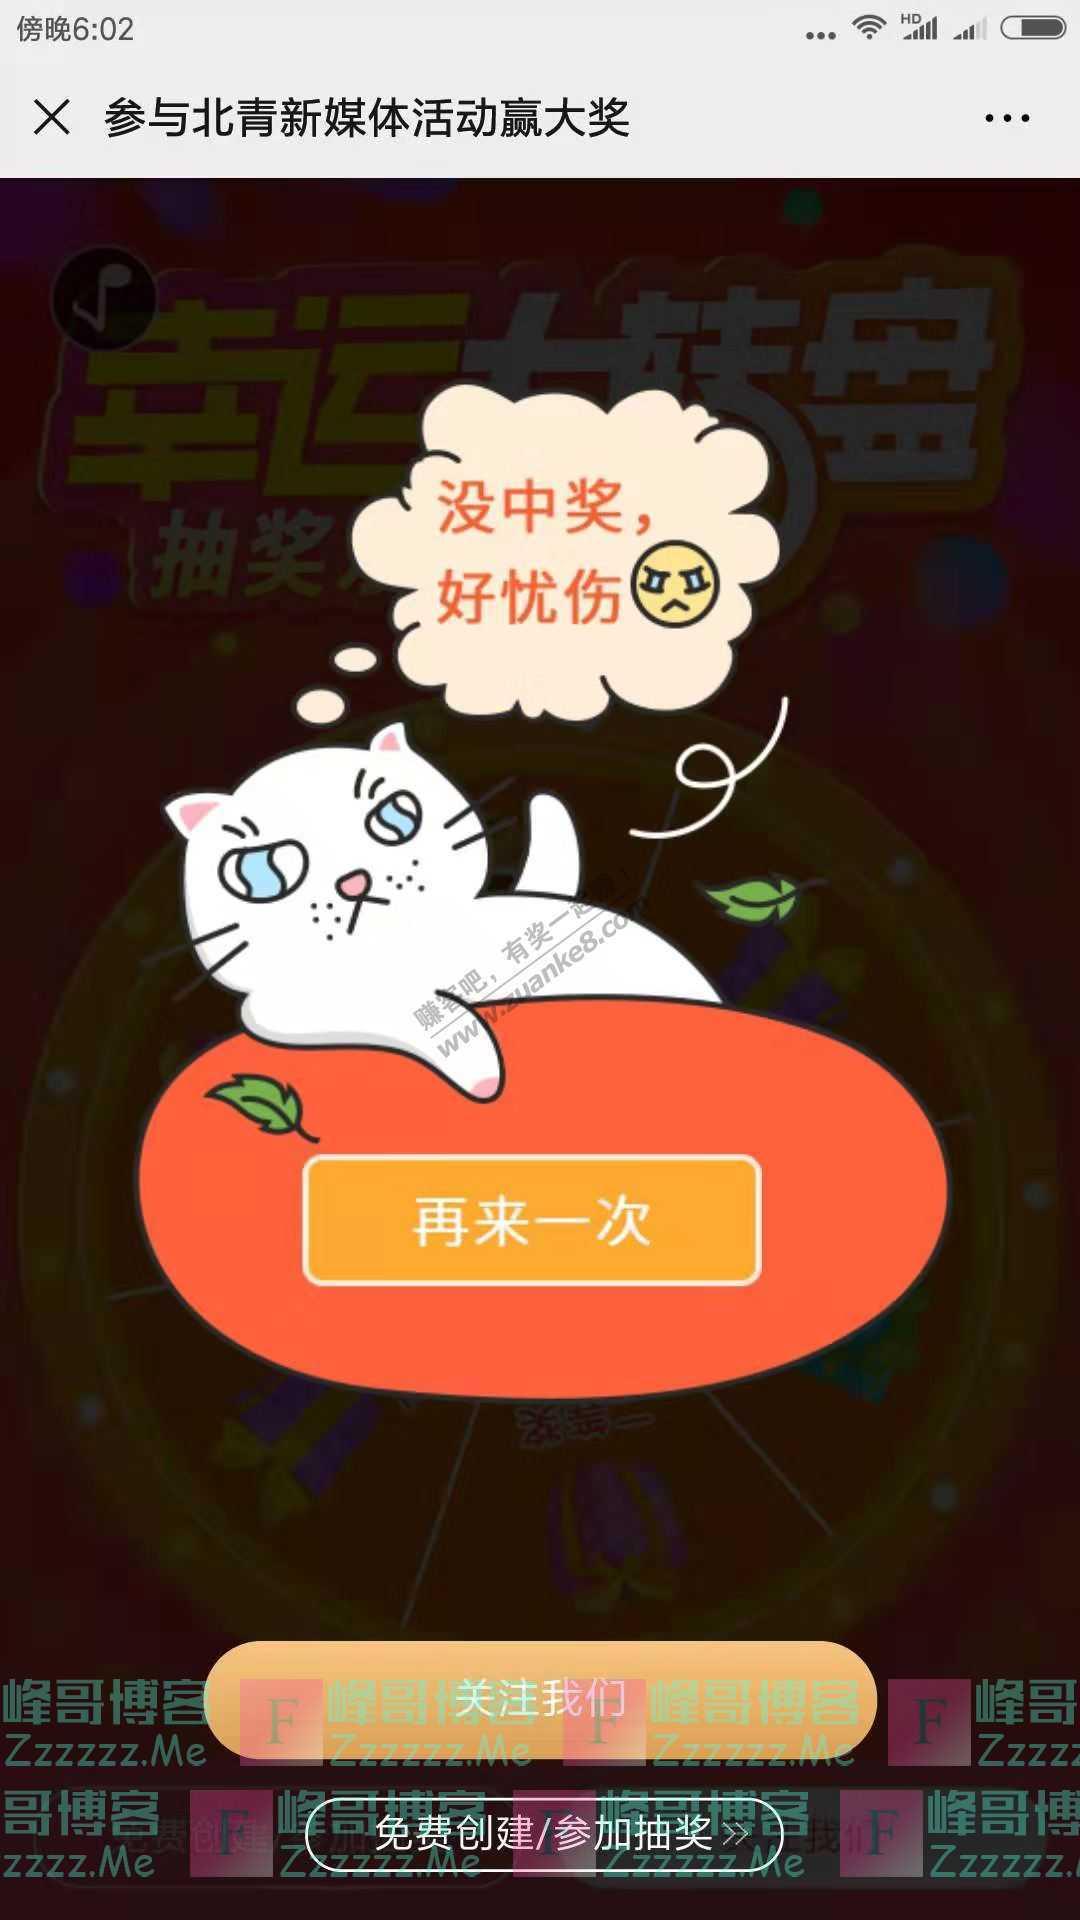 北京青年报学知识抢66元红包(截止3月10日)